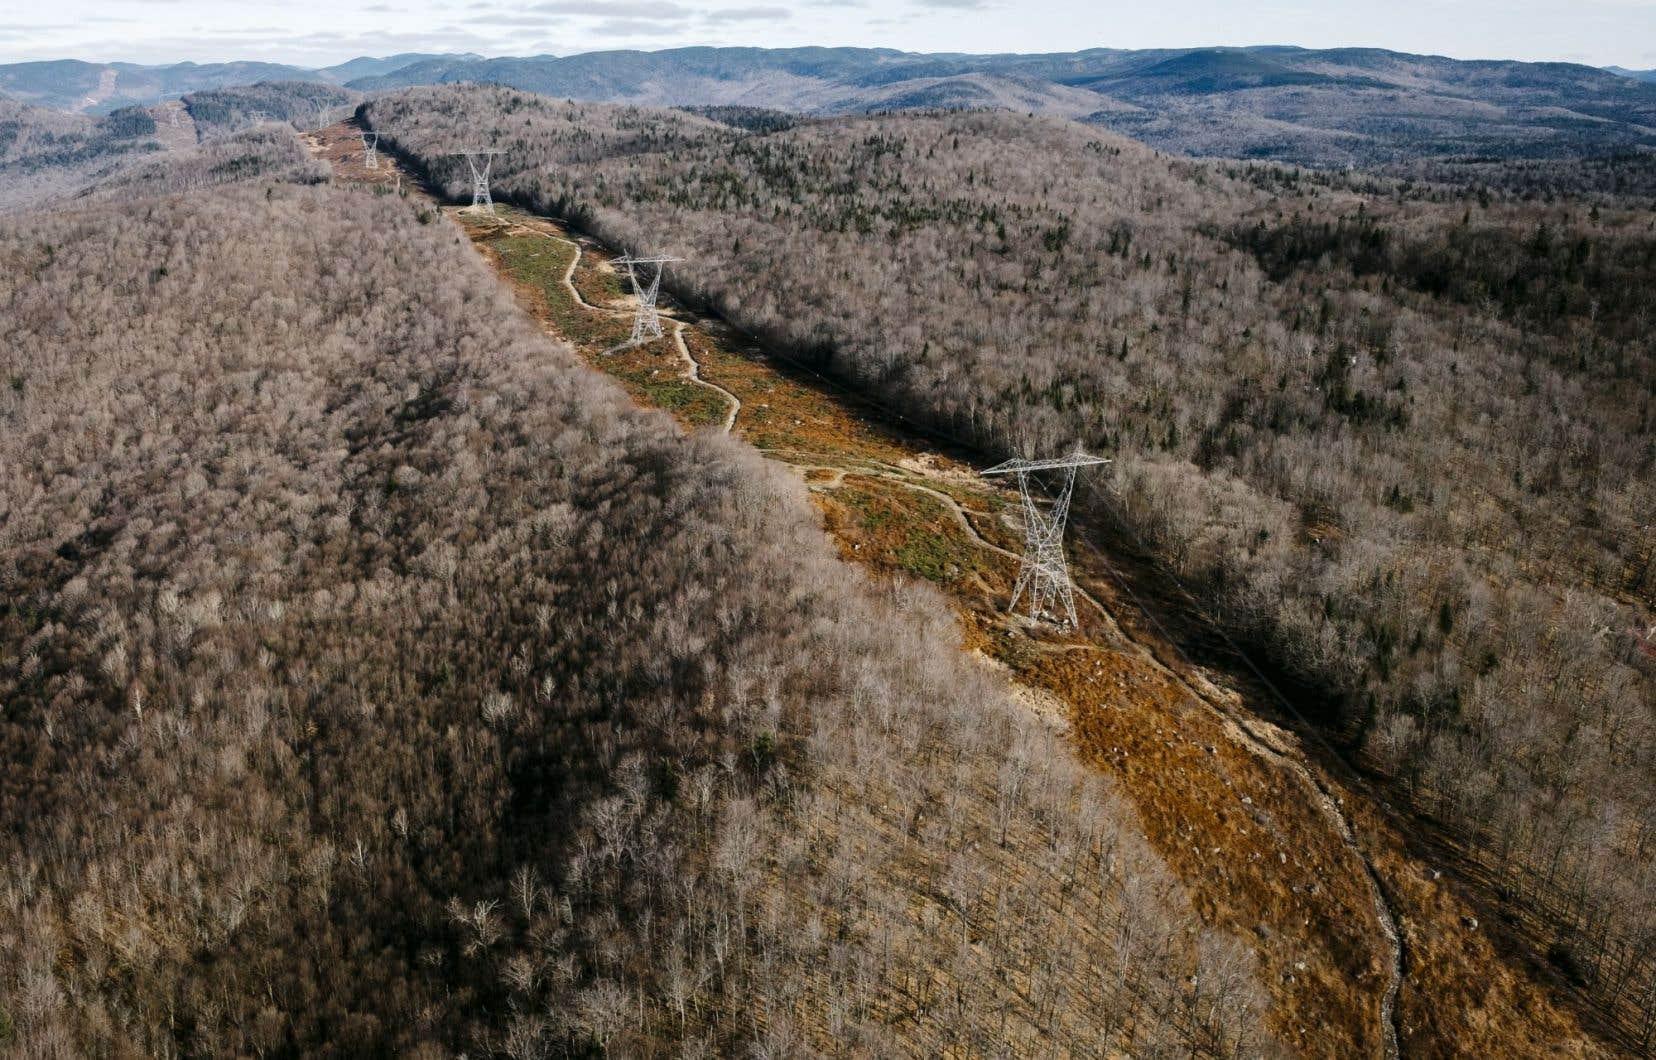 Pour le moment, le projet d'une ligne dite aérienne, avec ses pylônes, demeure l'option envisagée par Hydro-Québec.